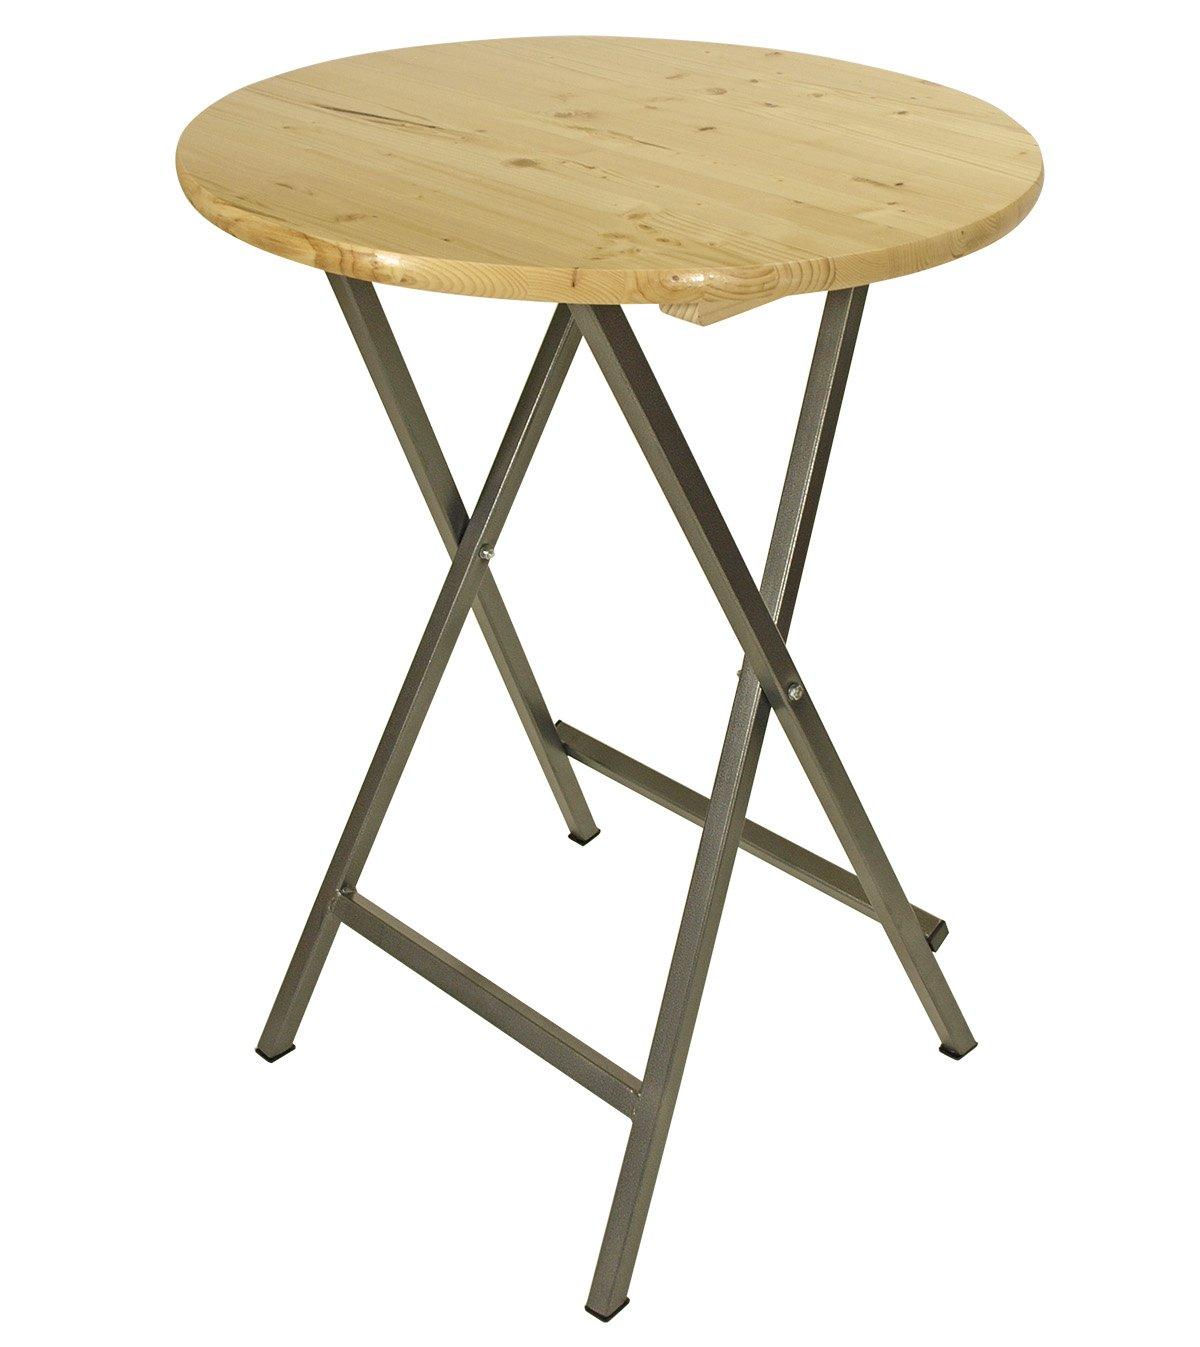 Stehtisch ZÜRICH 78cm rund, Stahlgestell + Holzplatte, klar lackiert günstig kaufen